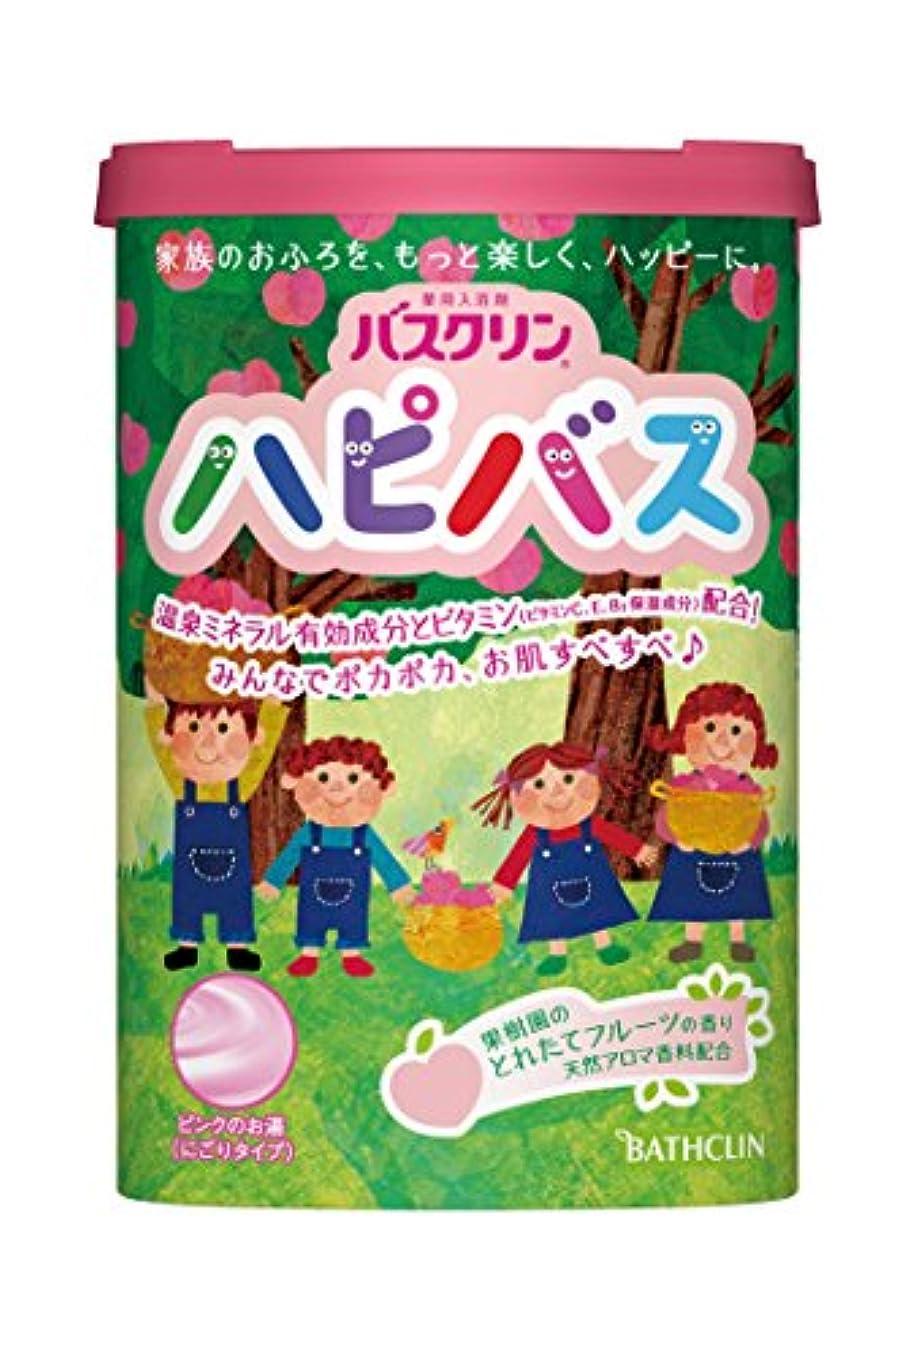 遮るデッキトーストバスクリン ハピバス 果樹園のとれたてフルーツの香り 600g にごりタイプ 入浴剤 (医薬部外品)